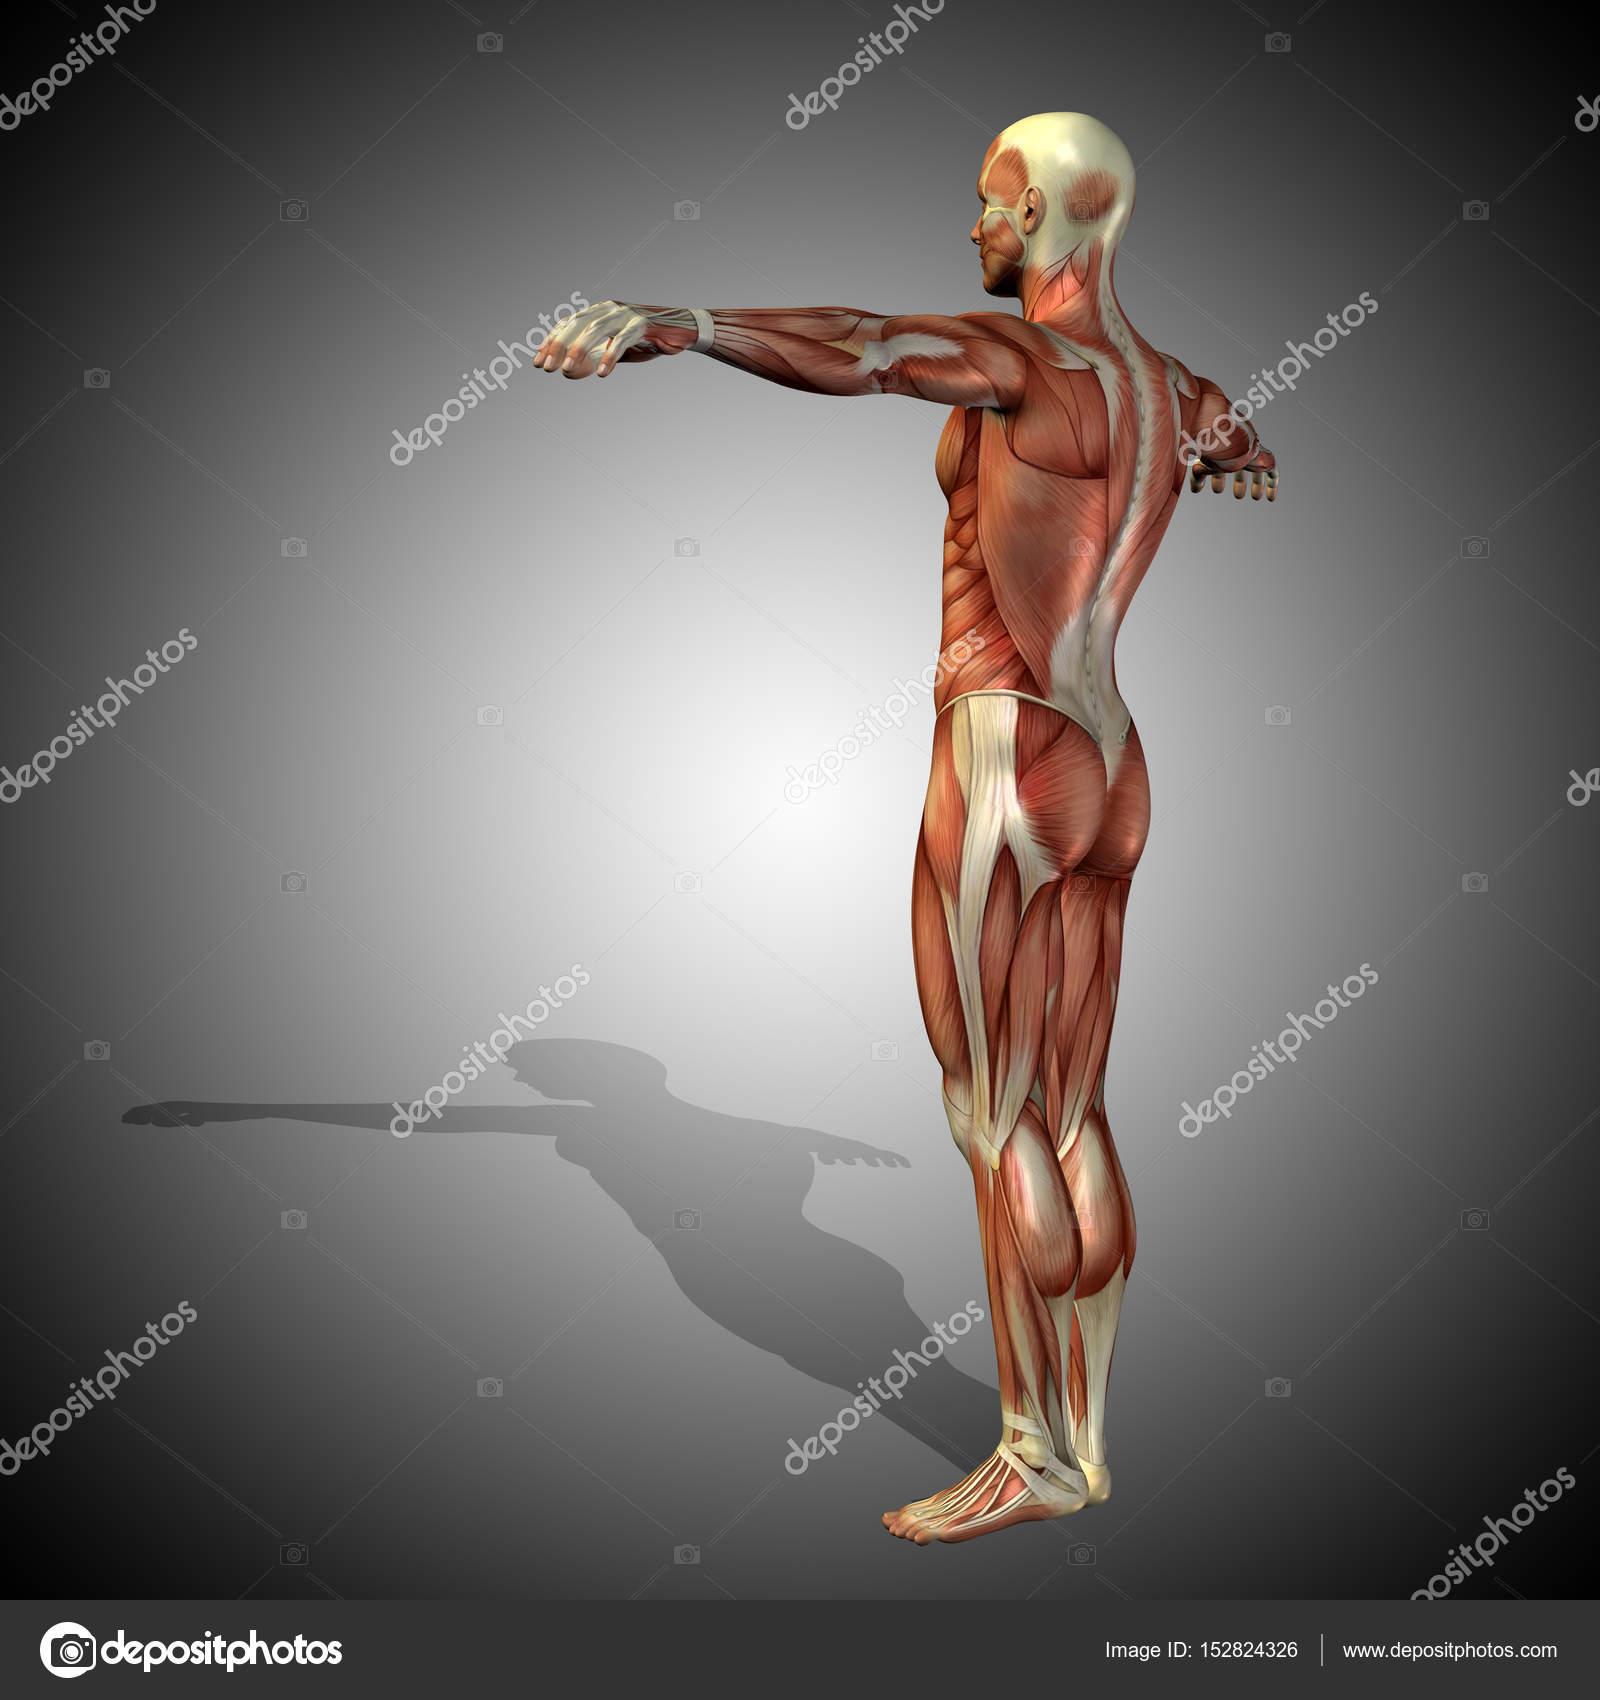 starke männliche Körper Anatomie — Stockfoto © design36 #152824326